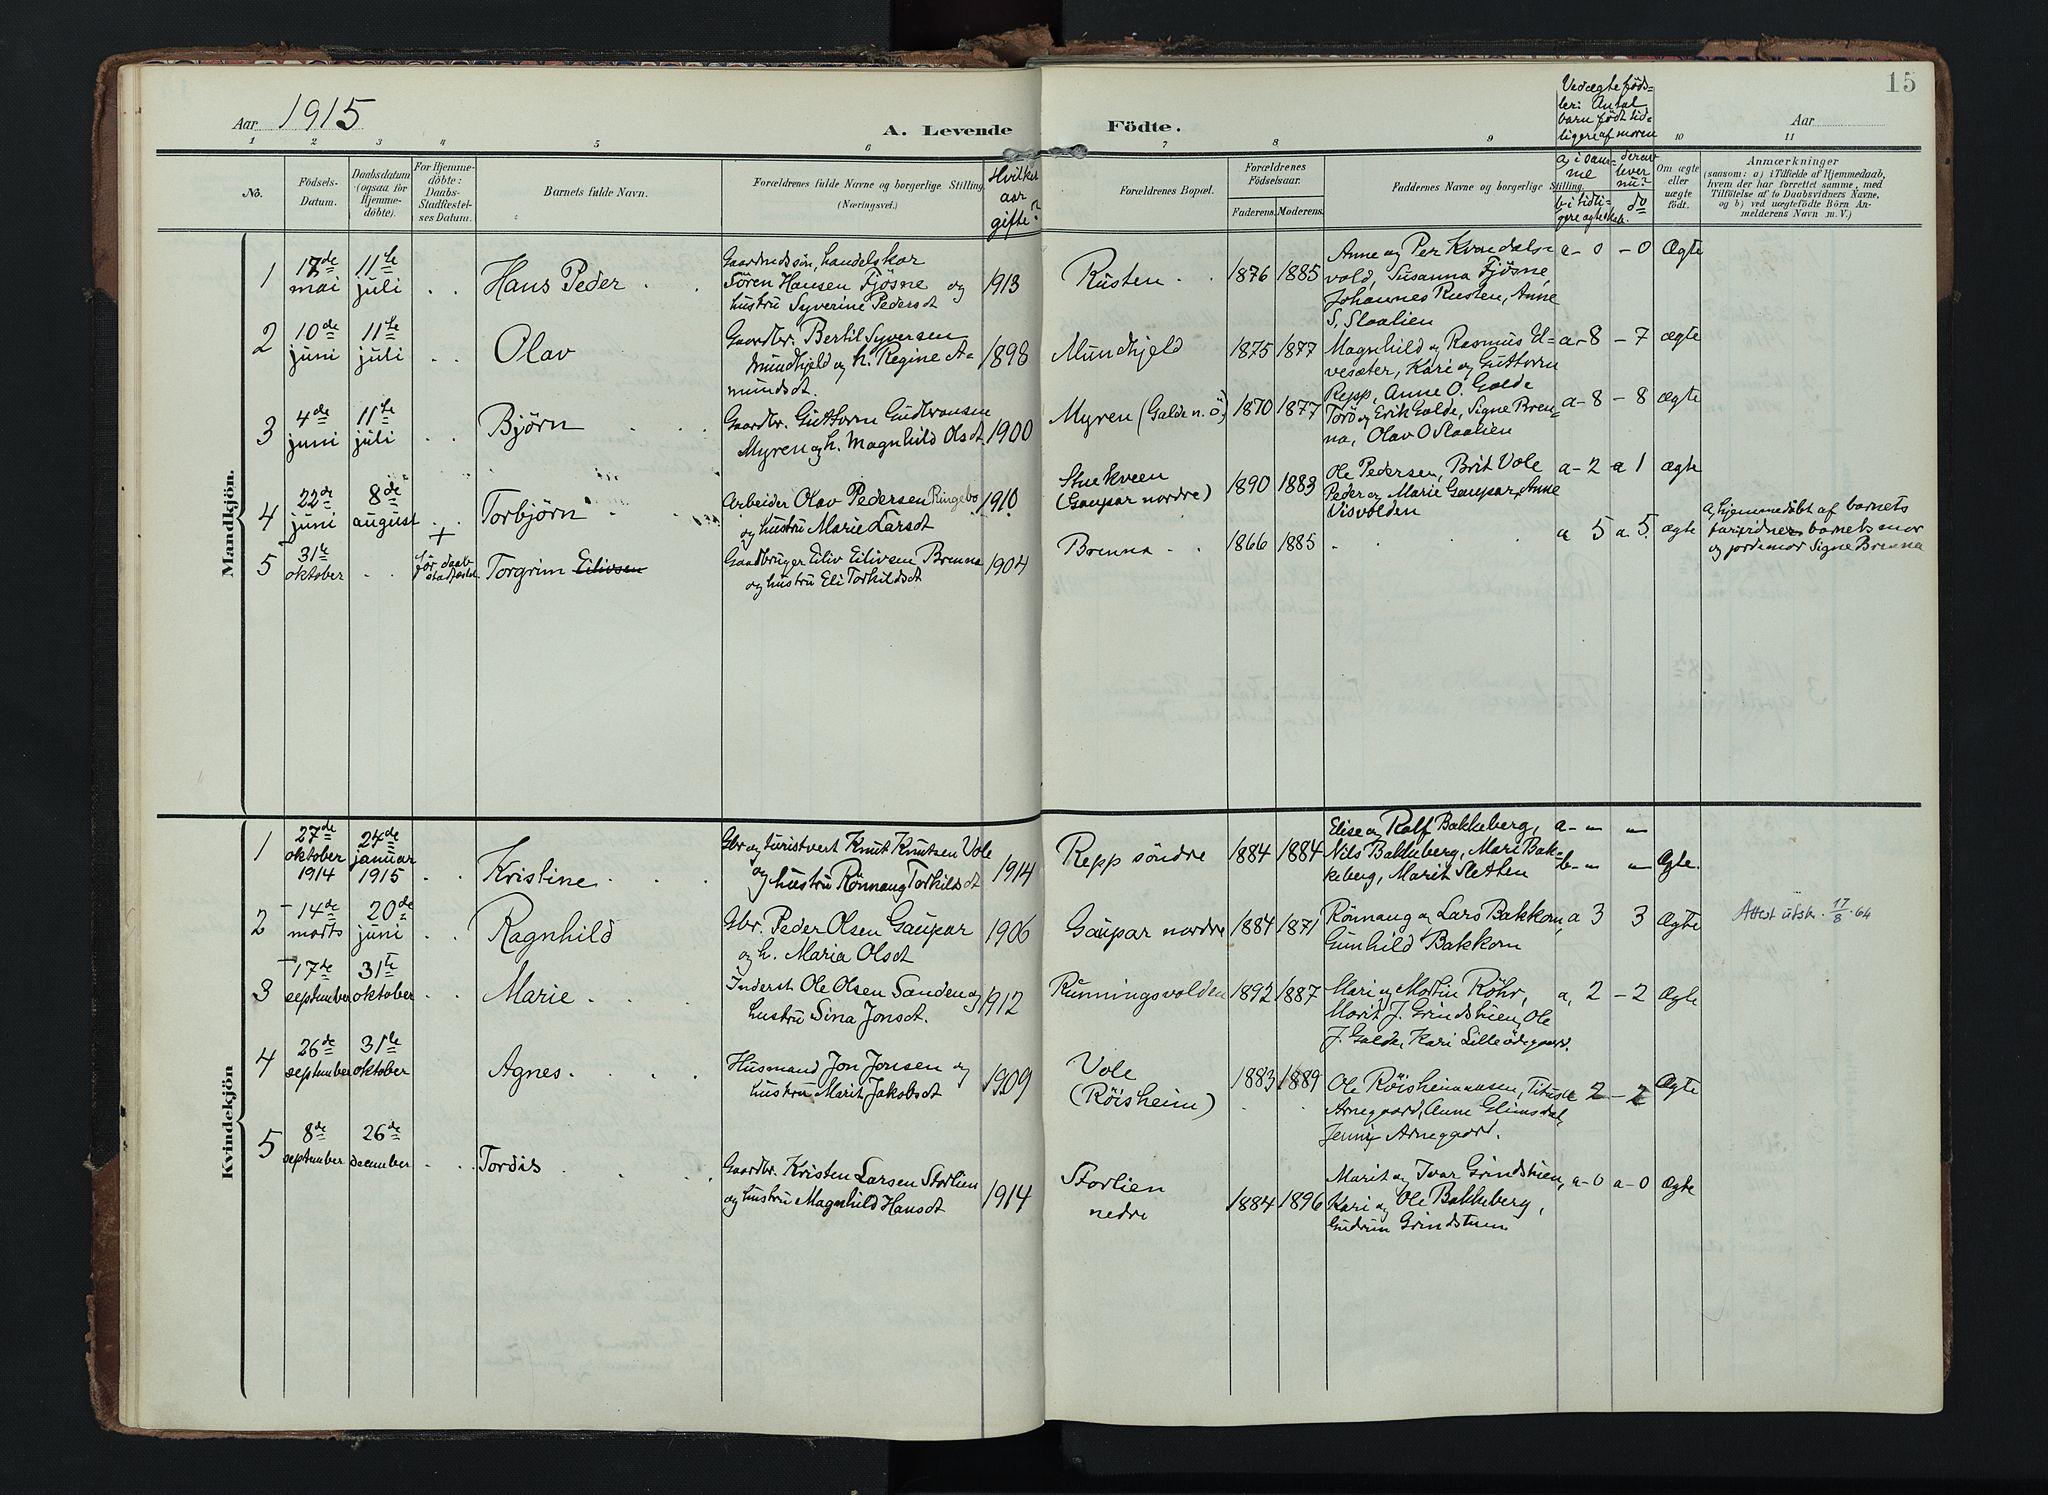 SAH, Lom prestekontor, K/L0012: Ministerialbok nr. 12, 1904-1928, s. 15